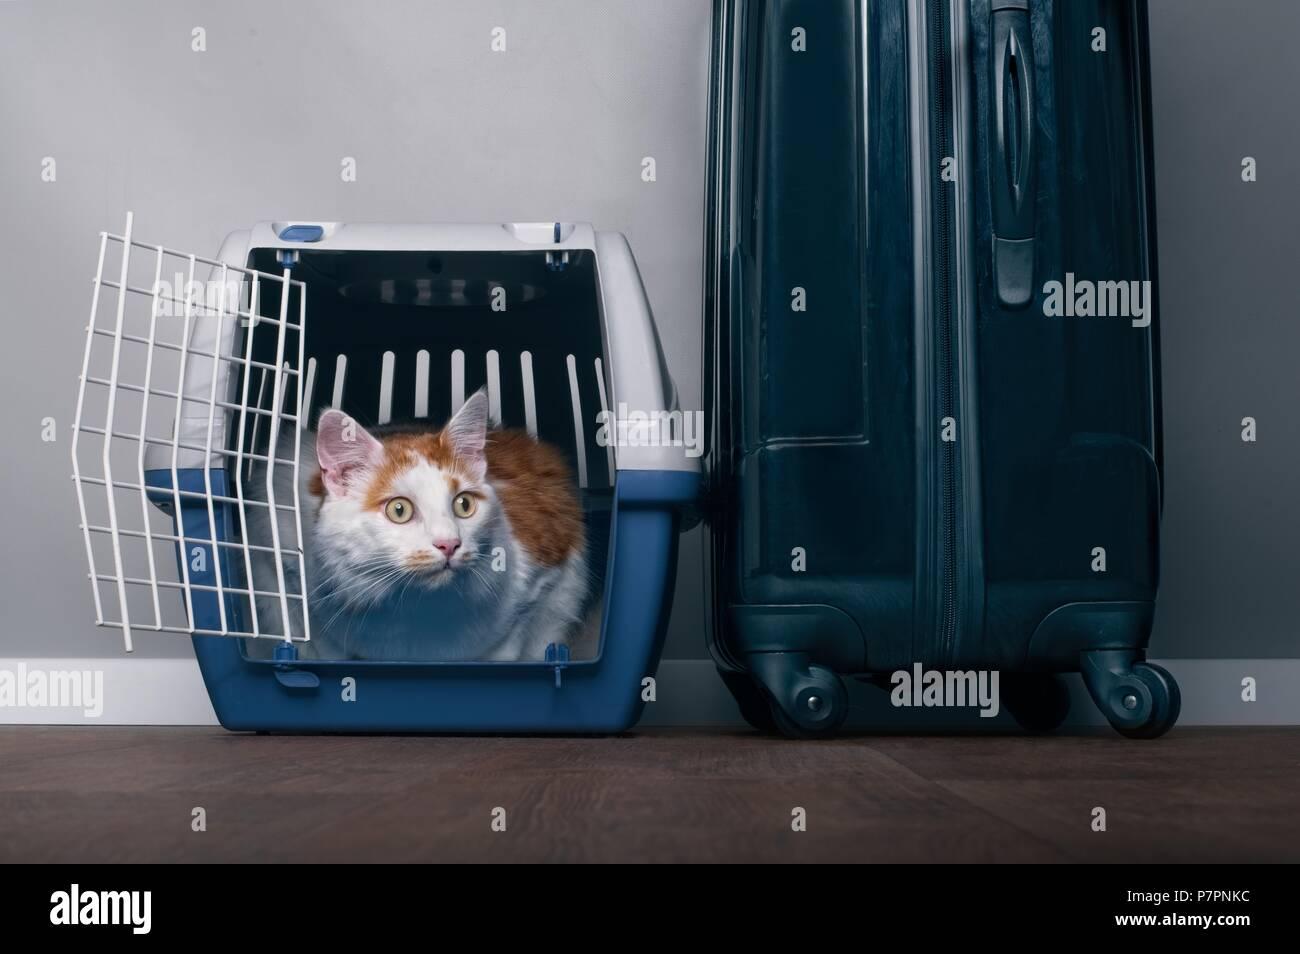 Cute tabby Katze sitzen in einer Kiste neben einem Koffer und ängstlich Schauen sideway s. Stockbild